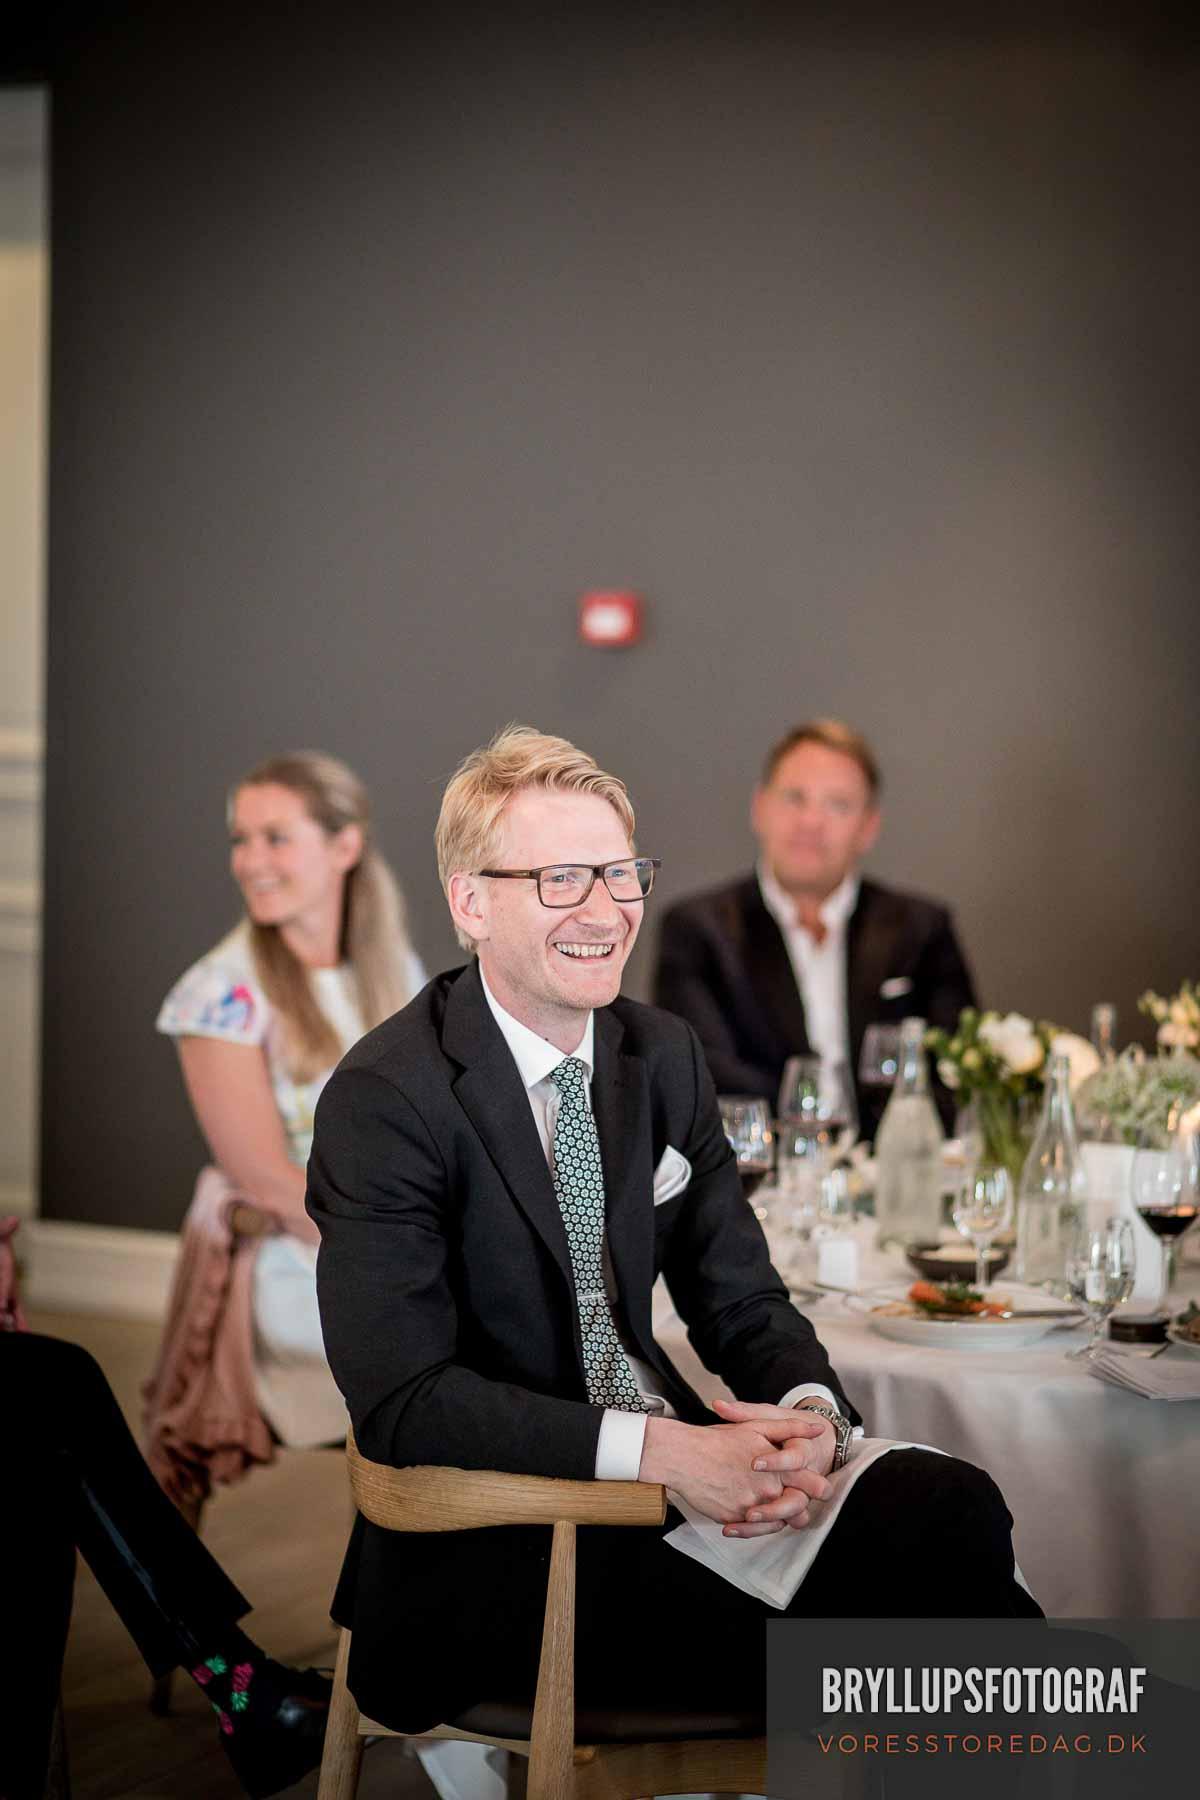 mundtlig kultur Nimb skaber rammen om selskabet, brylluppet